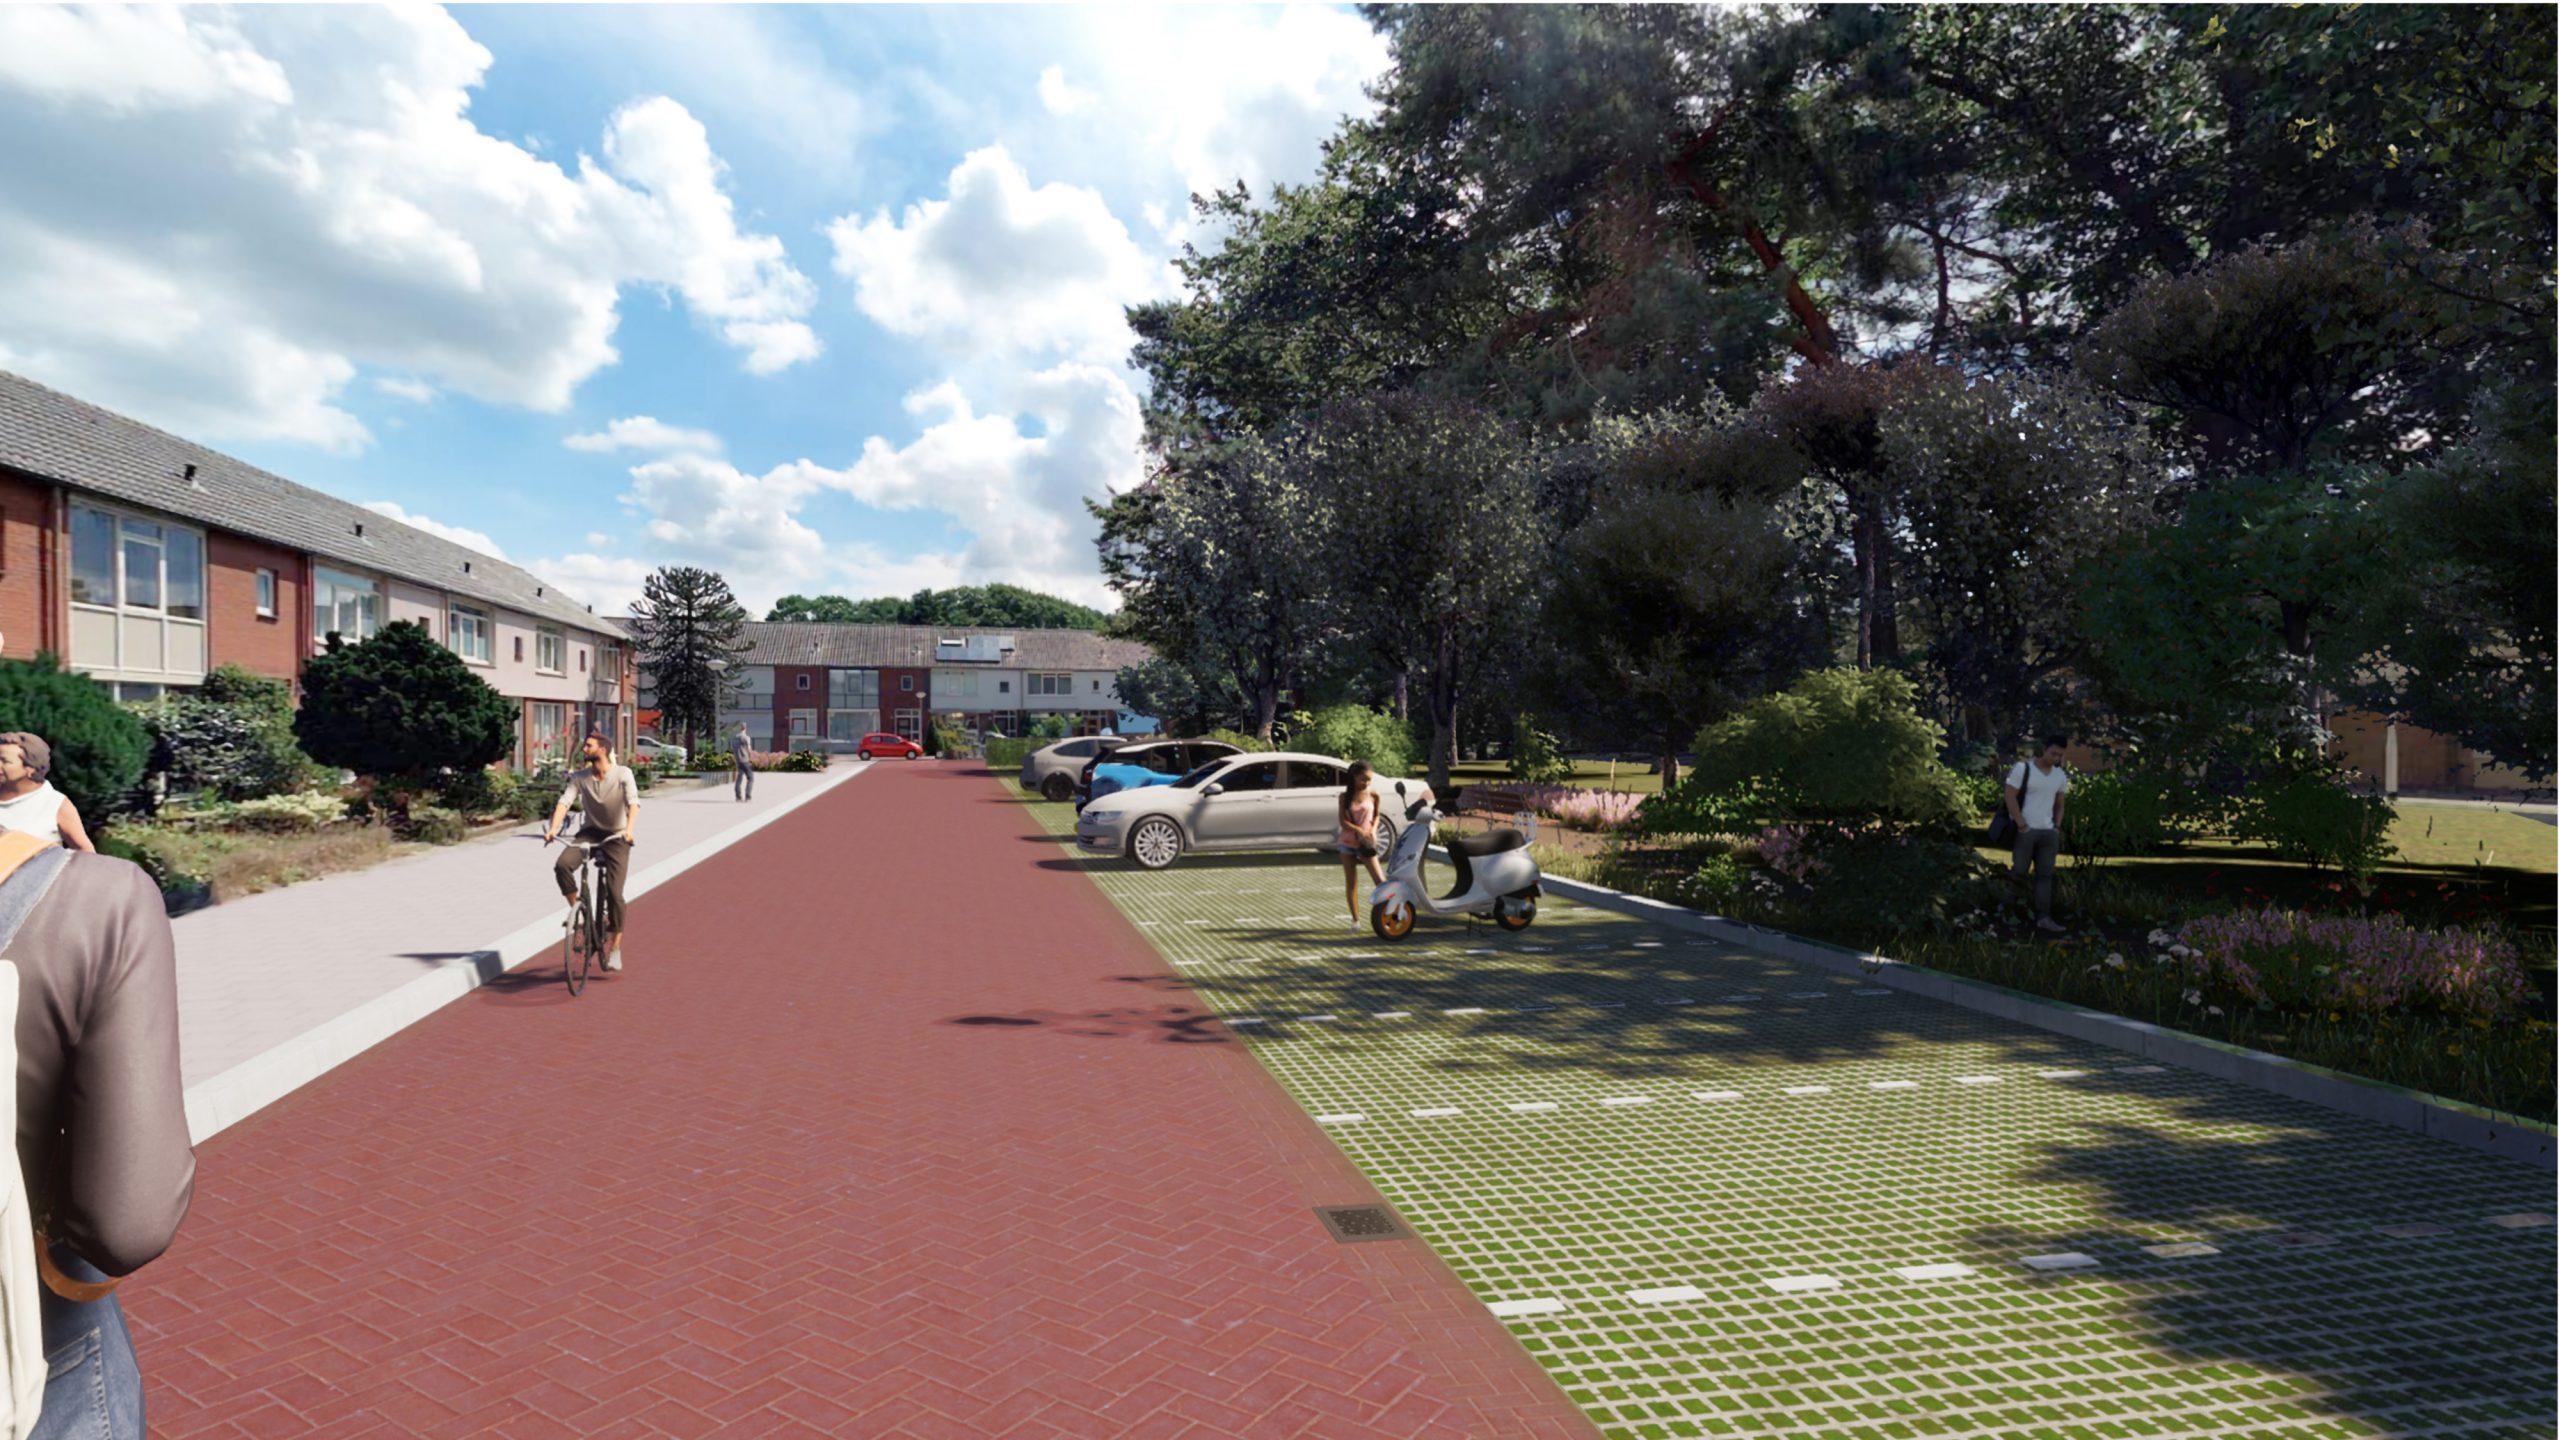 Visualisatie ontwerp Lepelkruidhof: duidelijke parkeerplekken, groen opgeknapt